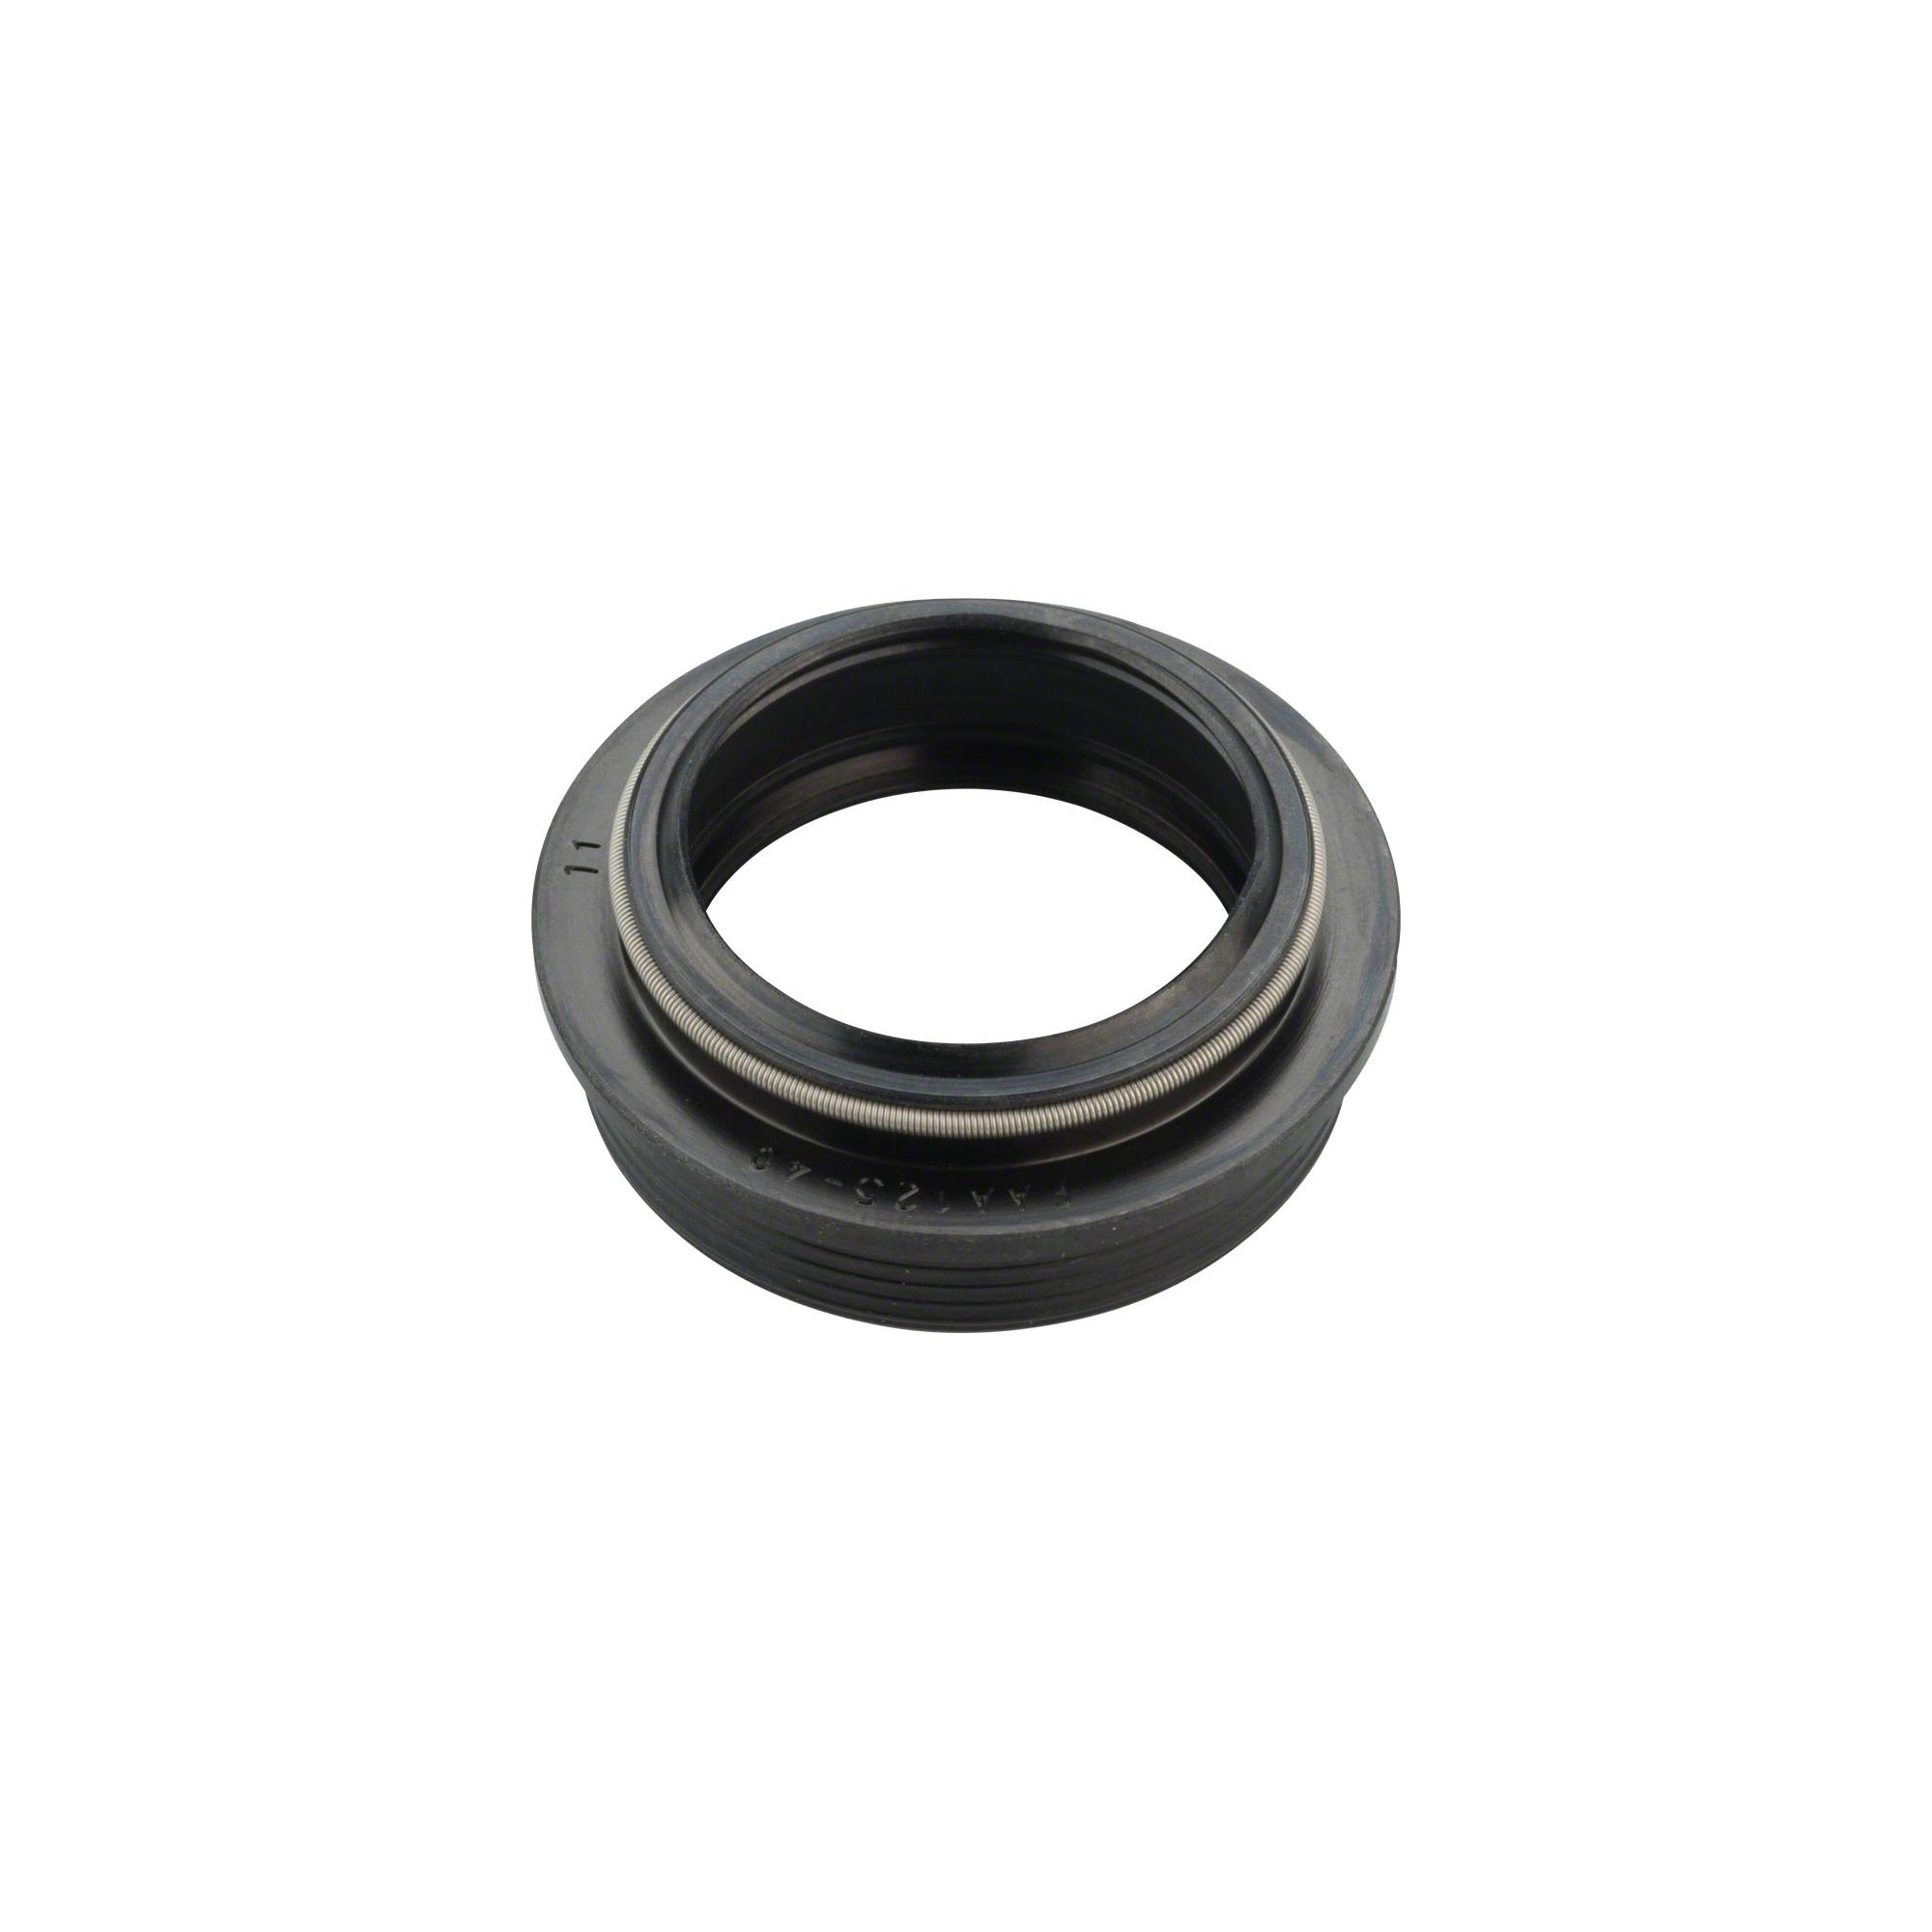 for XCT NVX XCR 24 Models 28mm Sold SR Suntour Suspension Fork Dust Seal